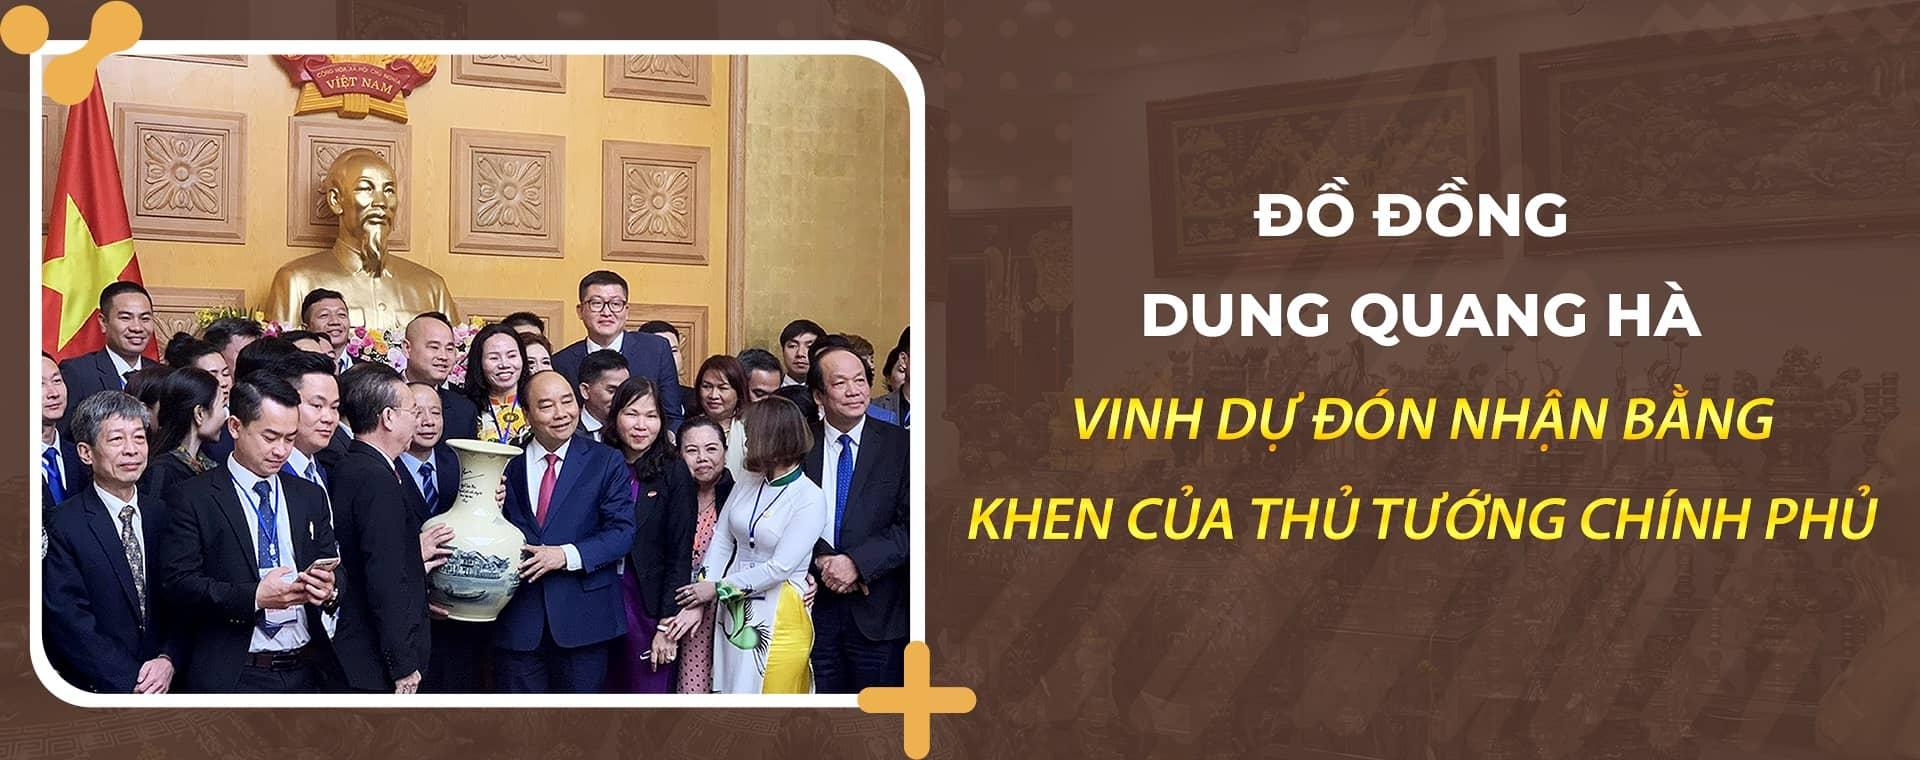 đồ đồng dung quang hà vinh dự nhận bằng khen của thủ tướng chính phủ